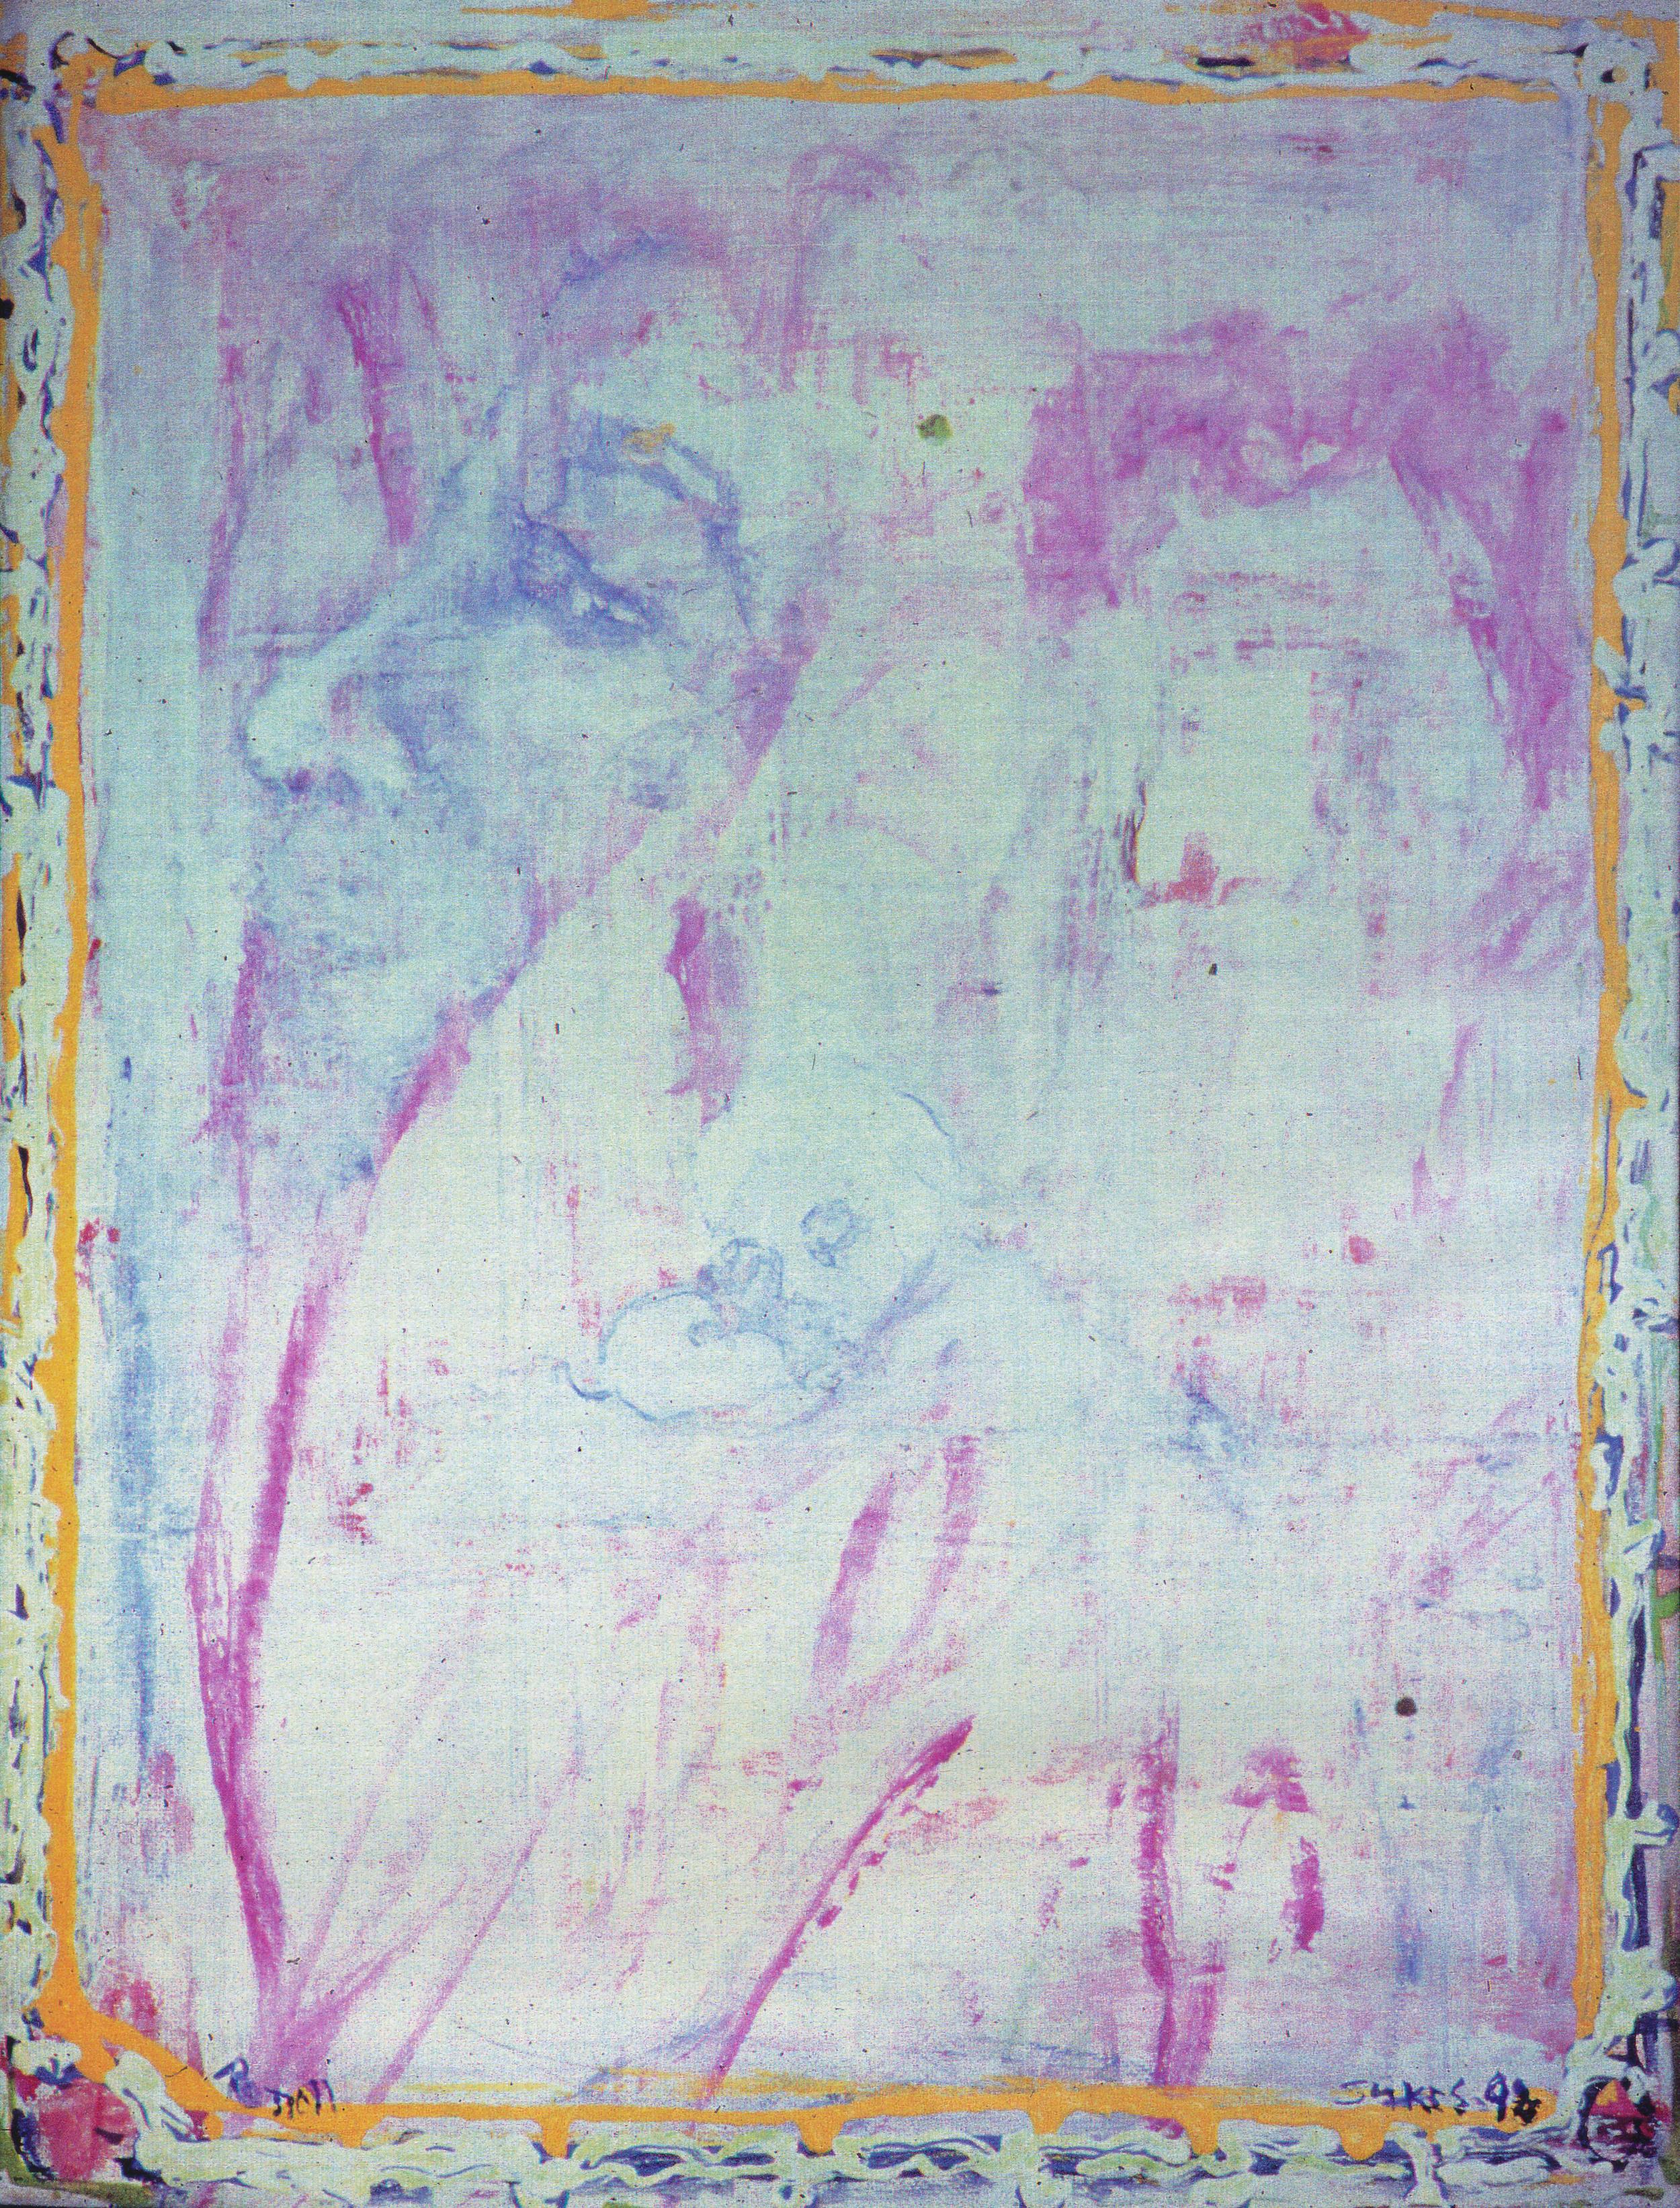 In Dream, 1992